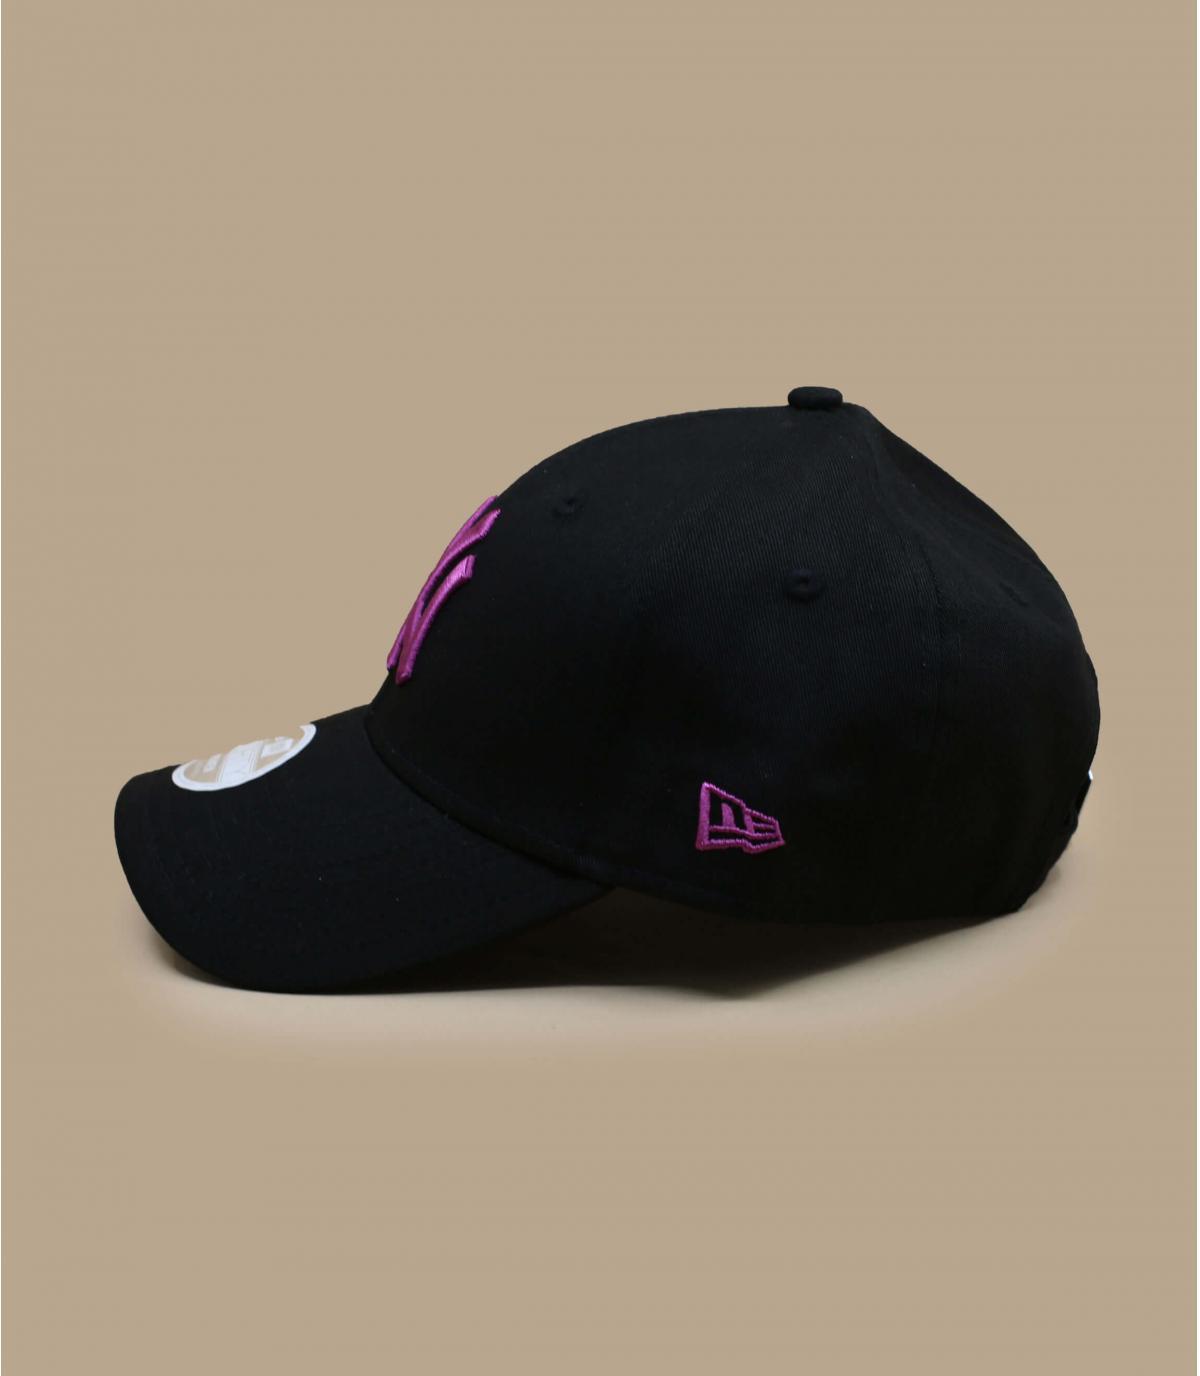 Détails Casquette Wmn Colour Ess NY black purple - image 3